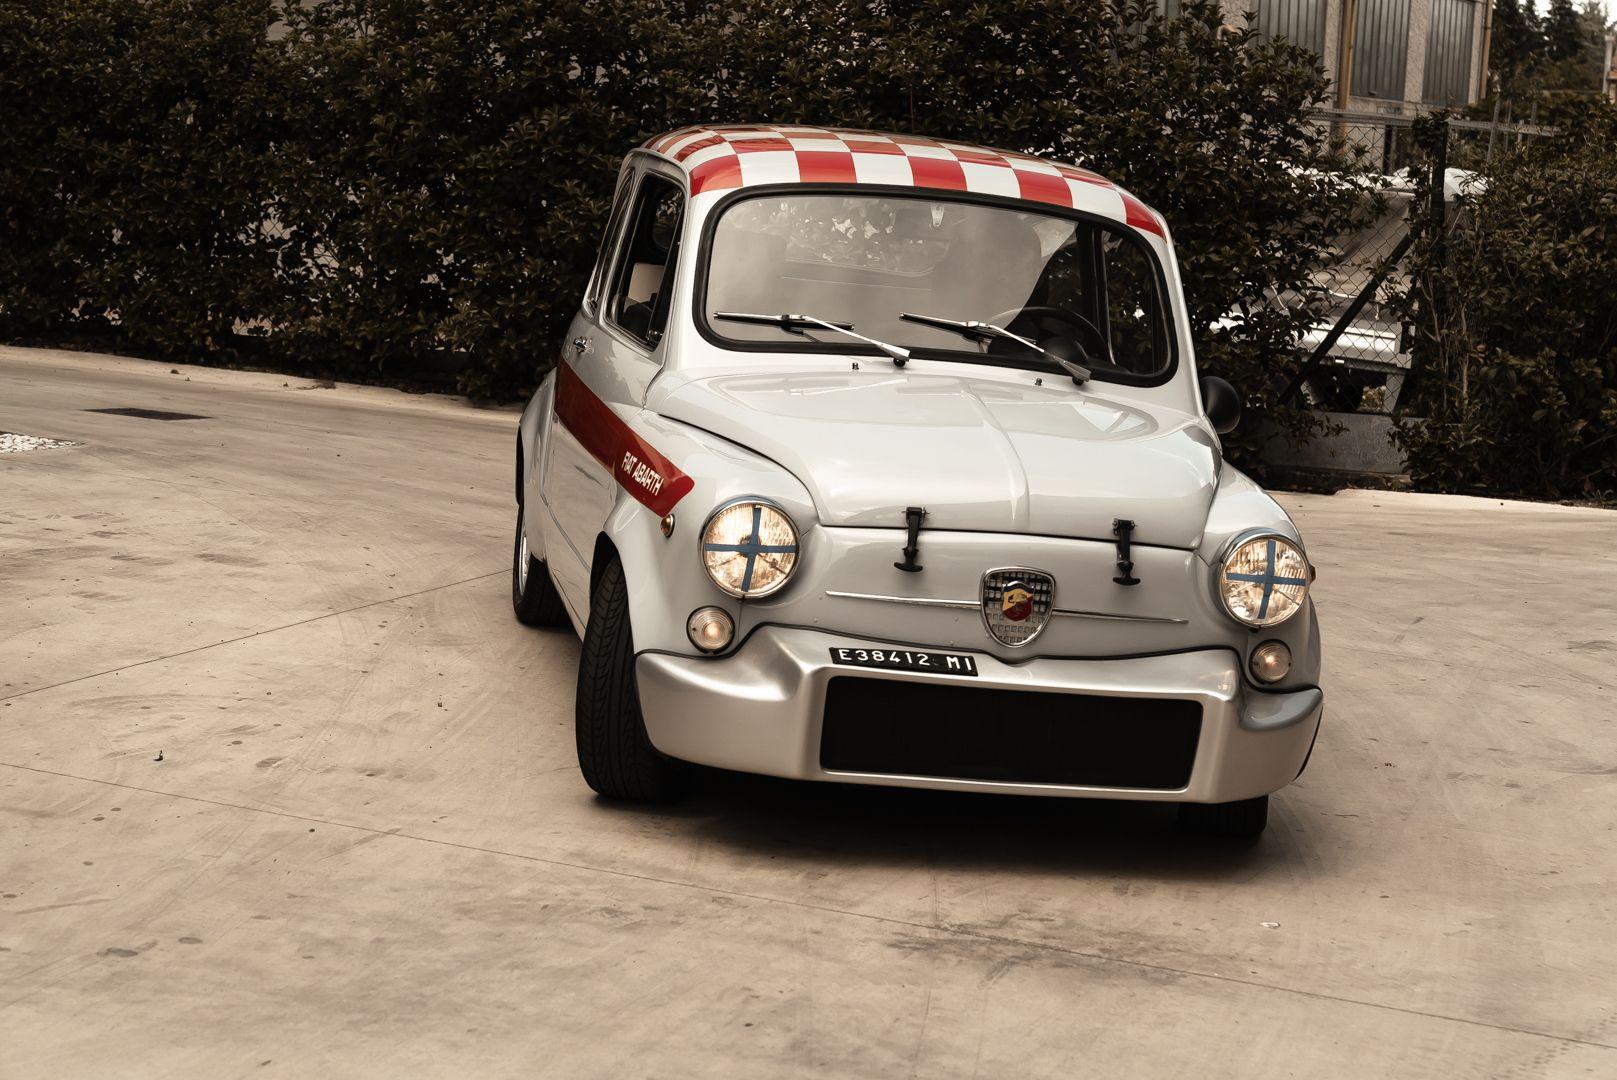 1967 Fiat 600 D Abarth Replica 80465